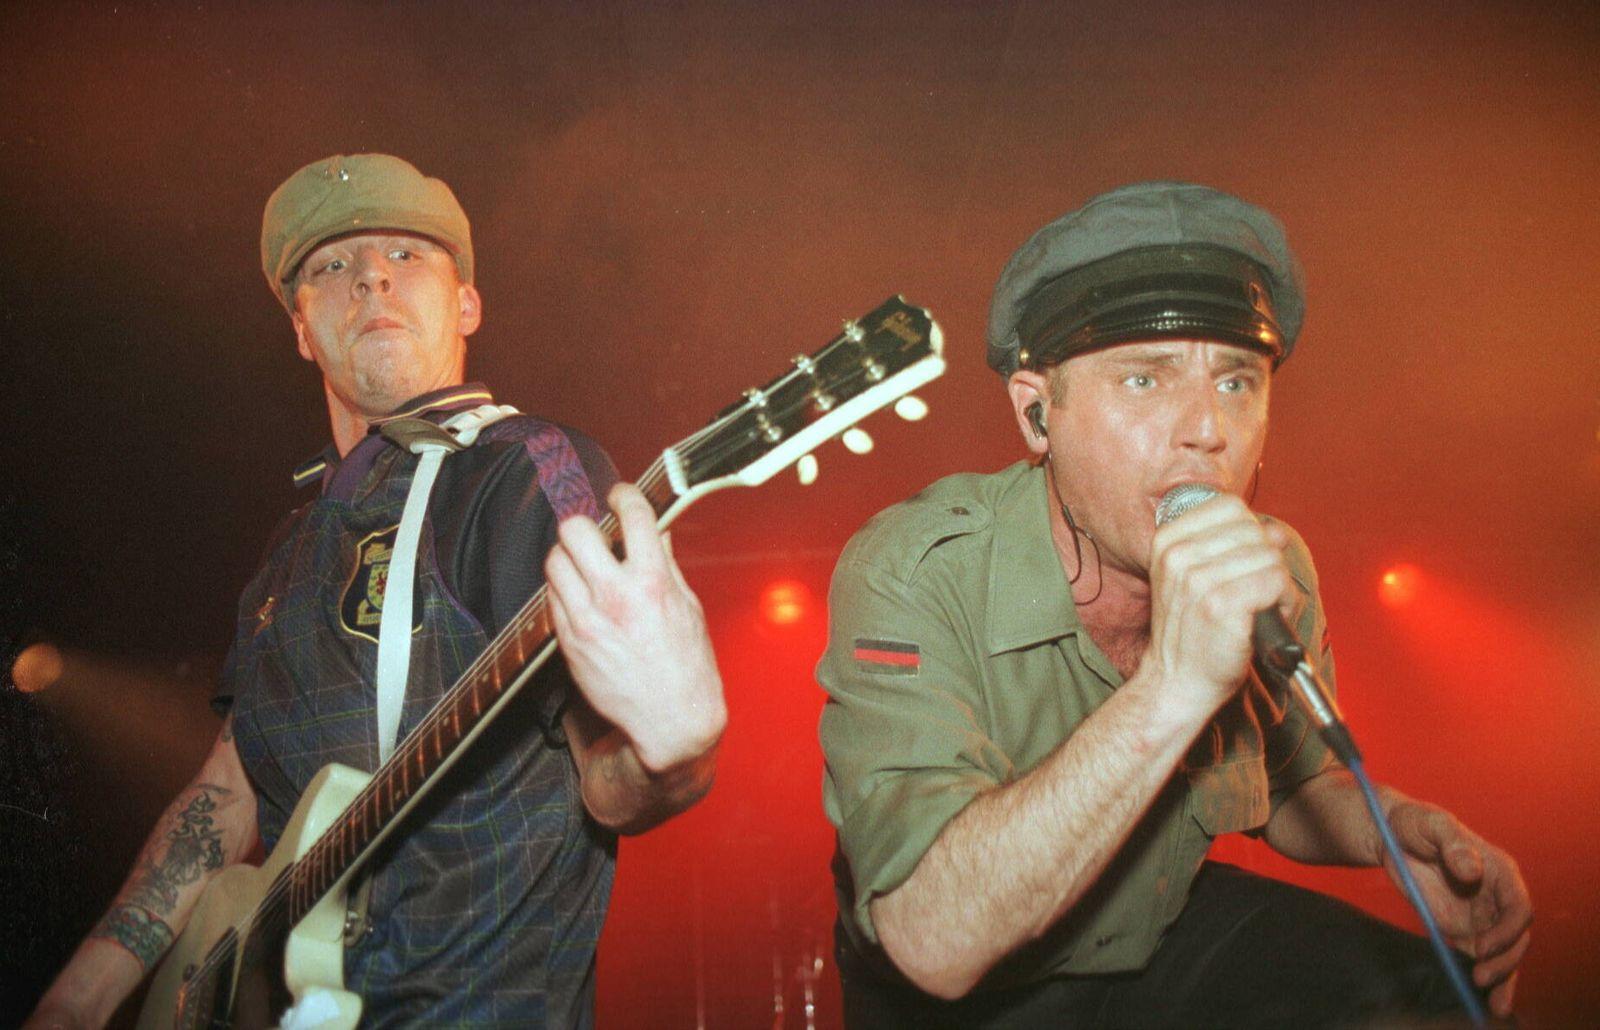 1/ Extrabreit im Loft, Berlin voc, g, live, deutsch, rock, musik, *** 1 extra width in the loft, Berlin voc, g, live, ge